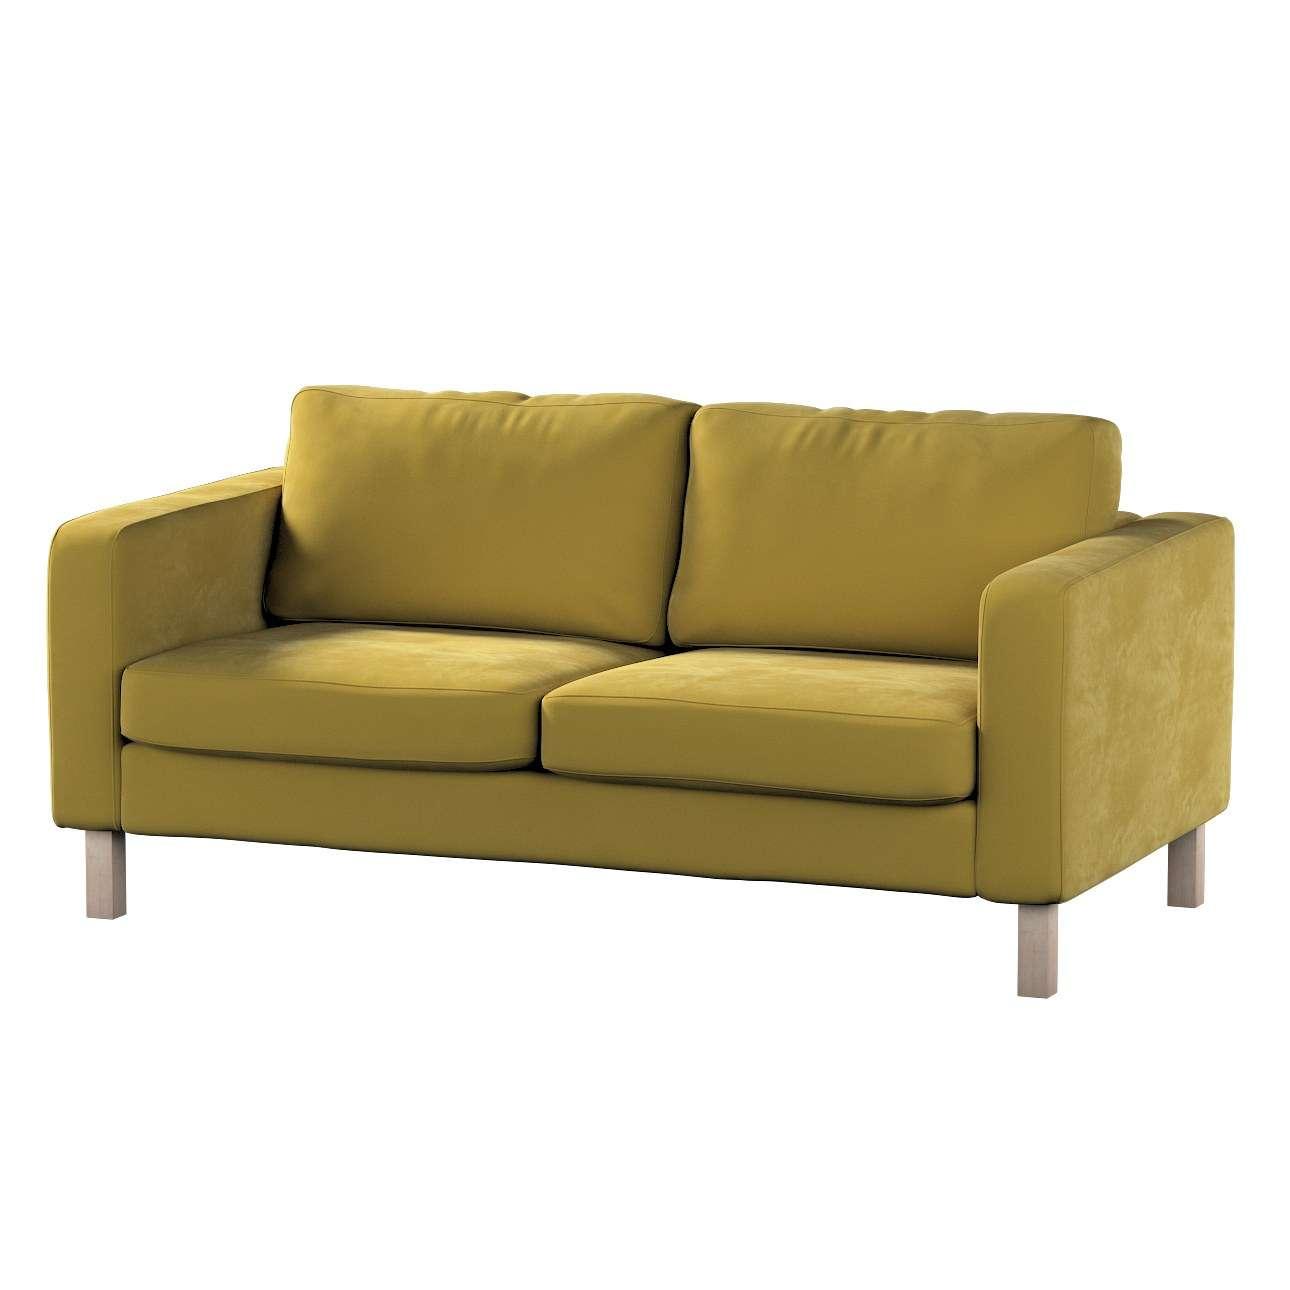 Pokrowiec na sofę Karlstad 2-osobową nierozkładaną krótki w kolekcji Velvet, tkanina: 704-27